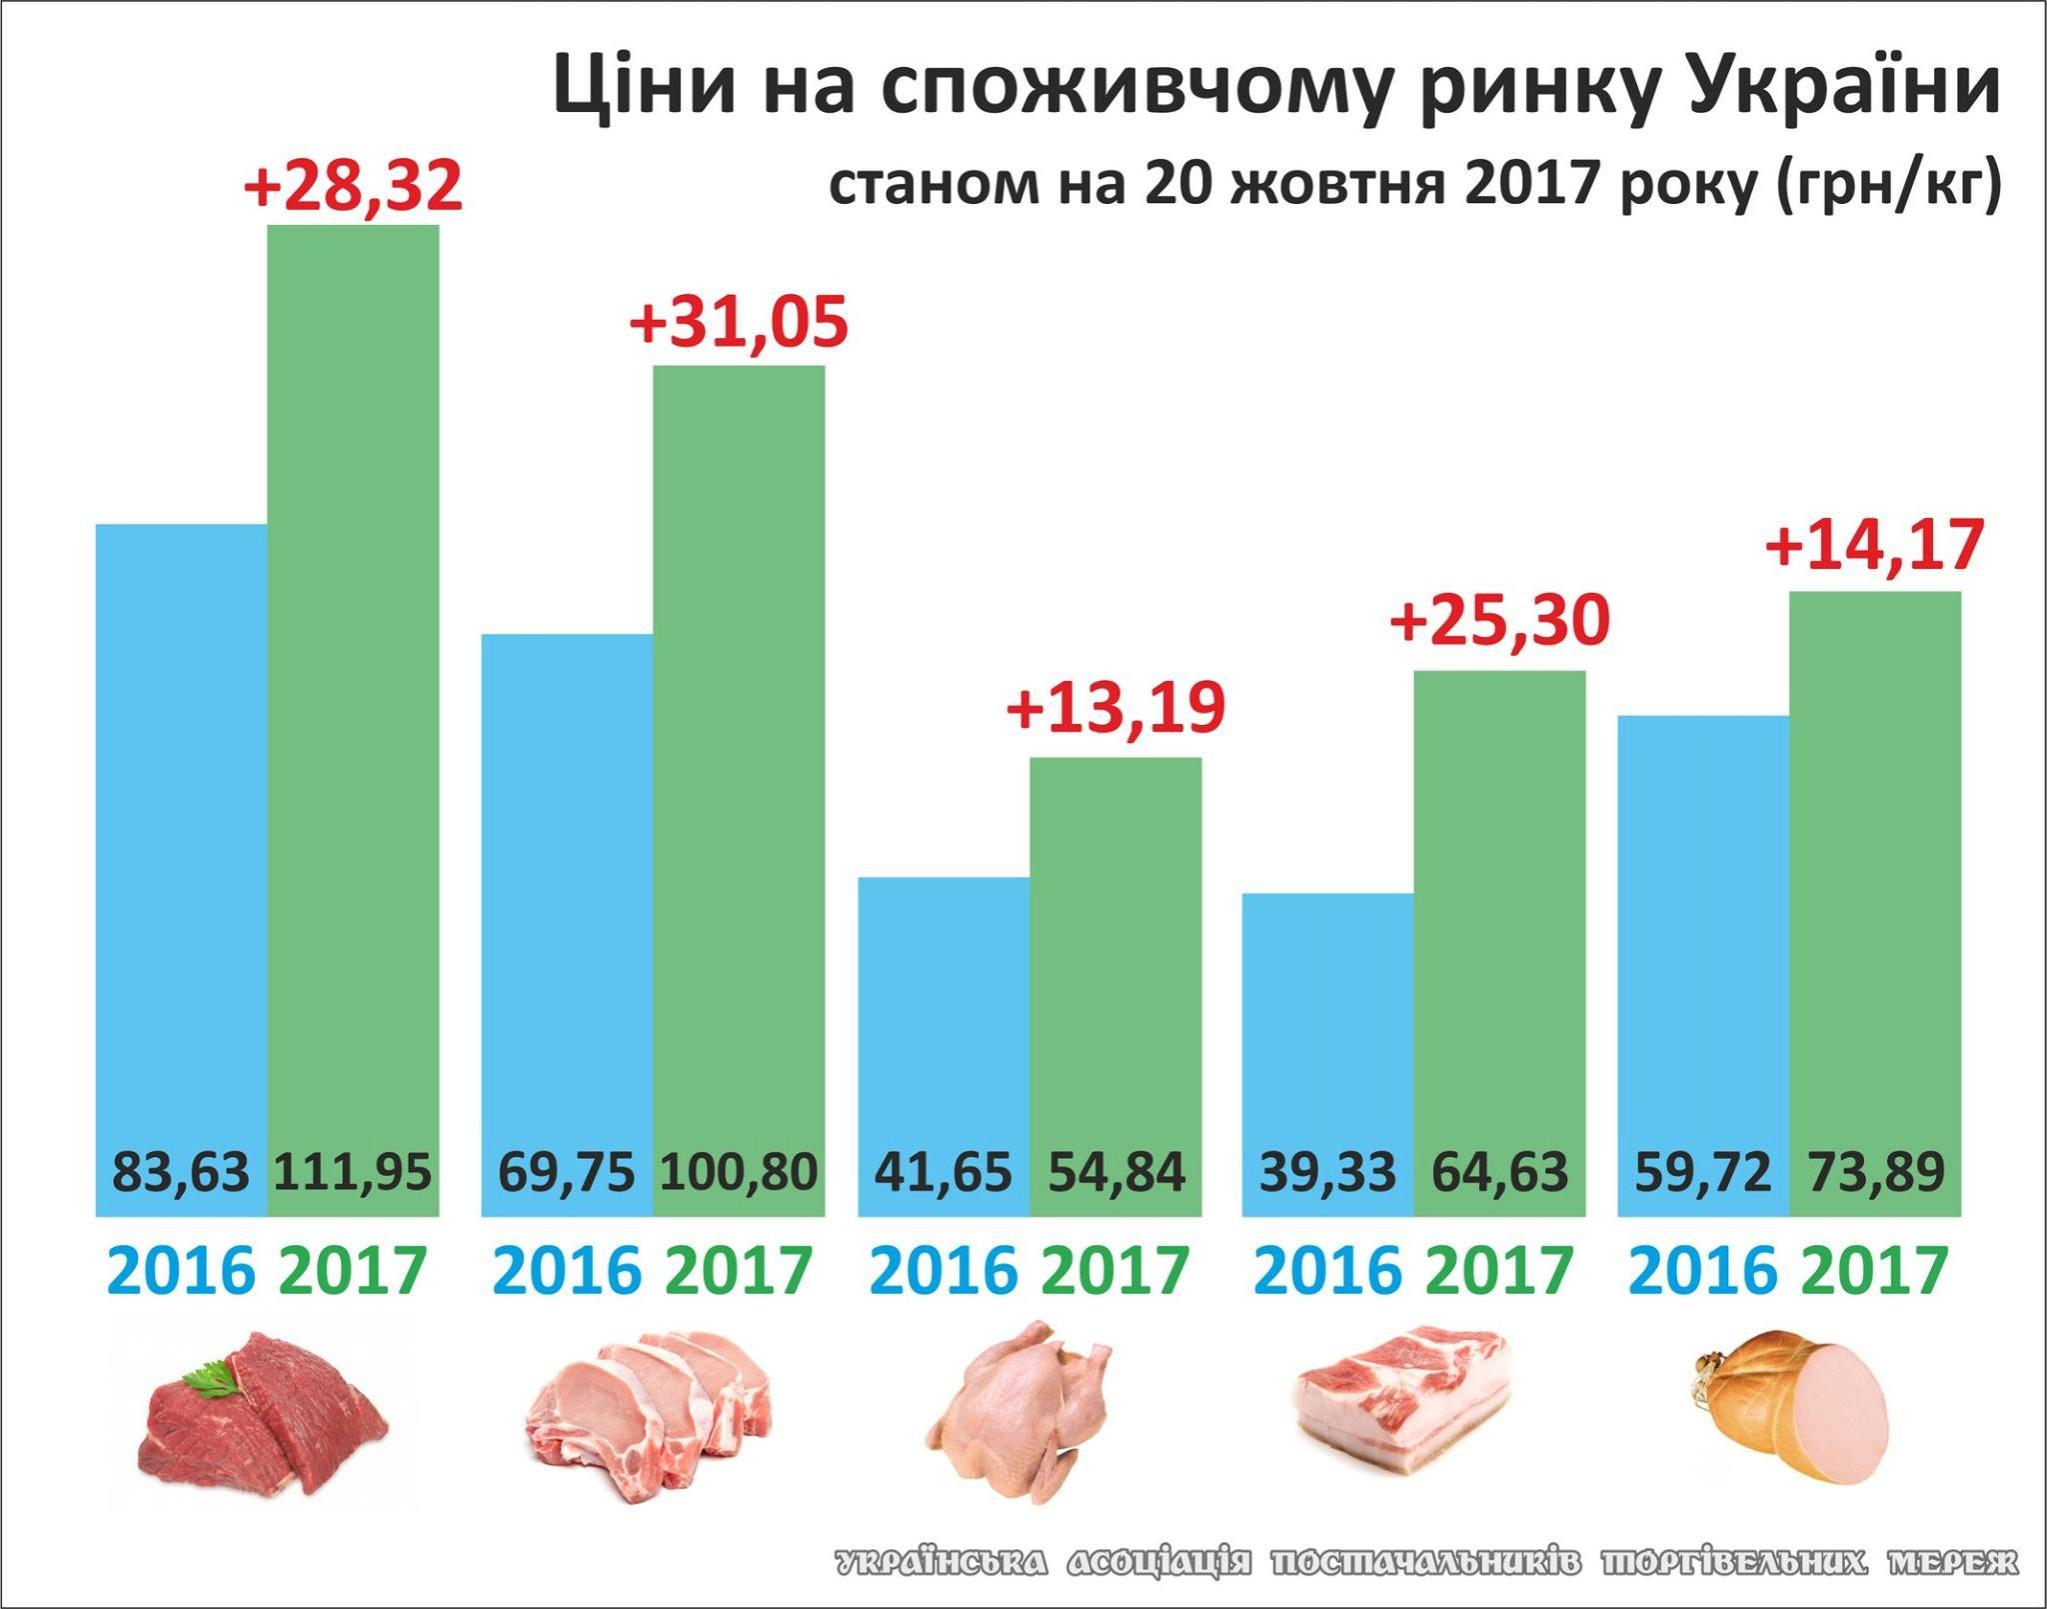 Налоговики в Киеве изъяли партию слабоалкогольных напитков на 300 тыс. грн, которые продавали по интернету - Цензор.НЕТ 6757